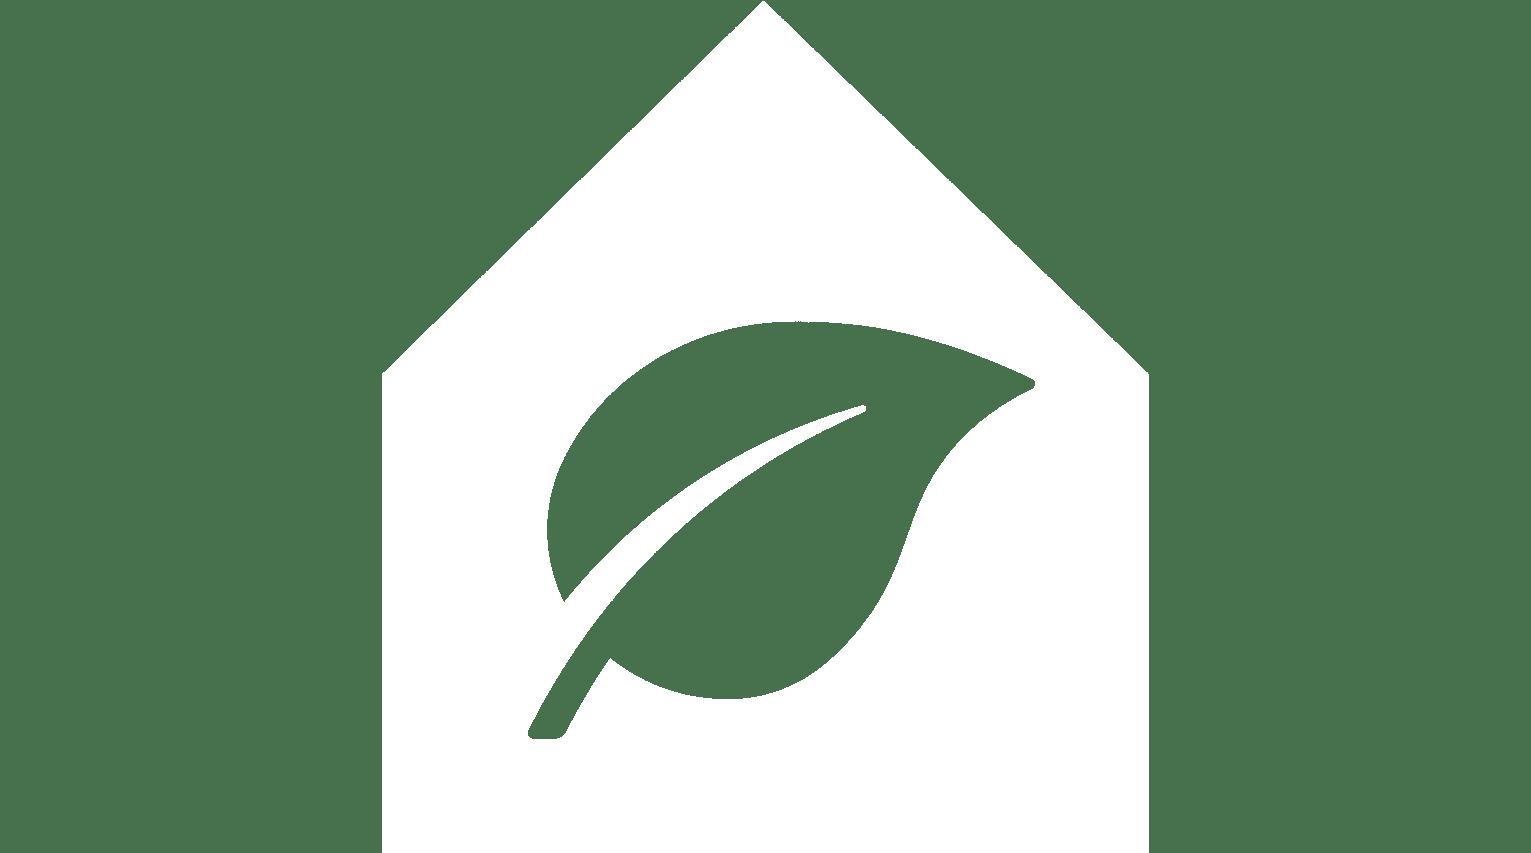 ikon-klima-hvit